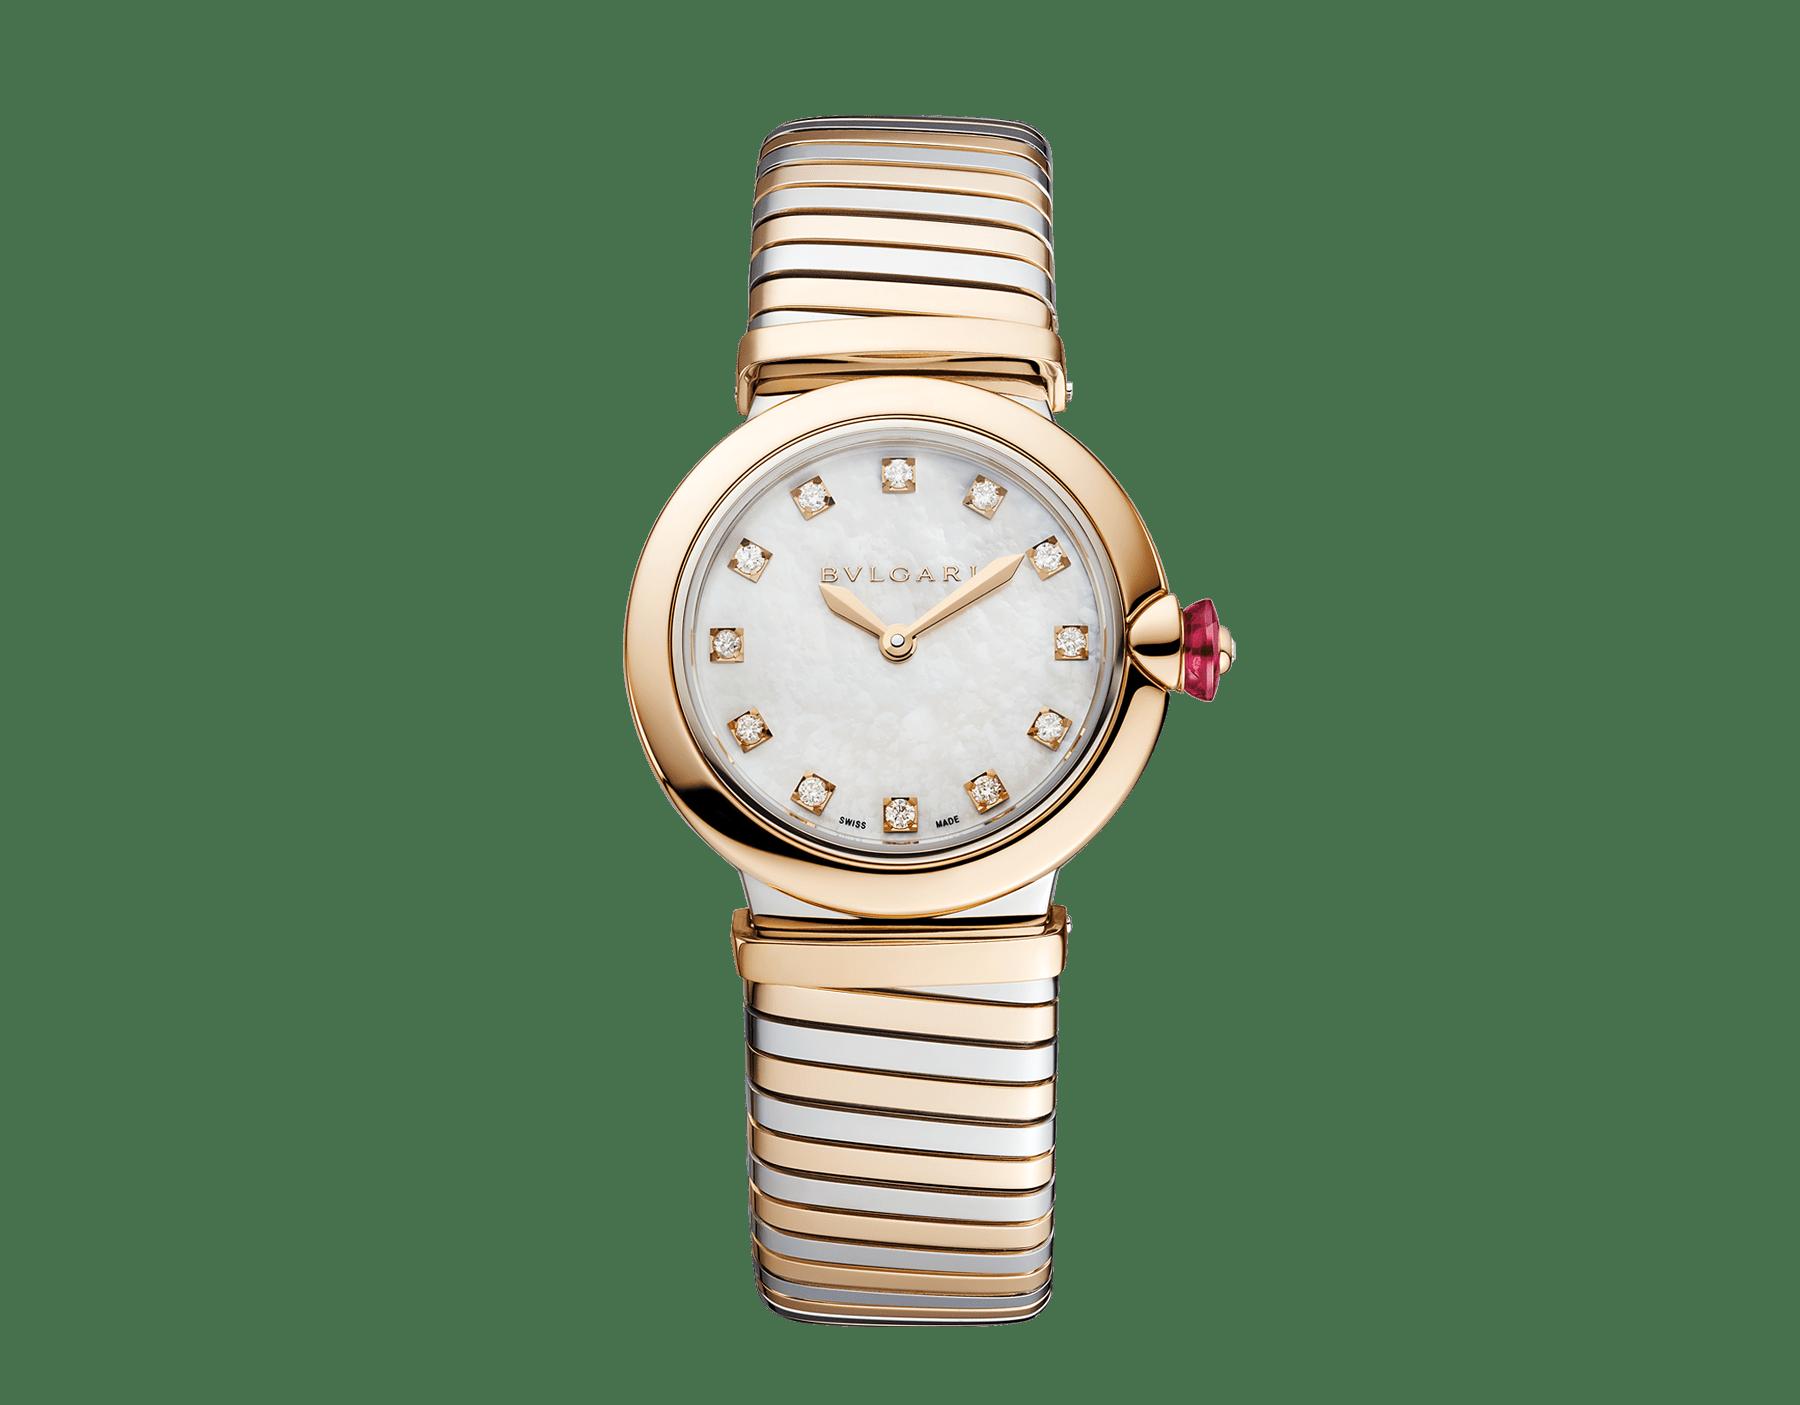 Montre LVCEA Tubogas avec boîtier et bracelet Tubogas en or rose 18K et acier inoxydable, cadran en nacre blanche et index sertis de diamants 102952 image 1